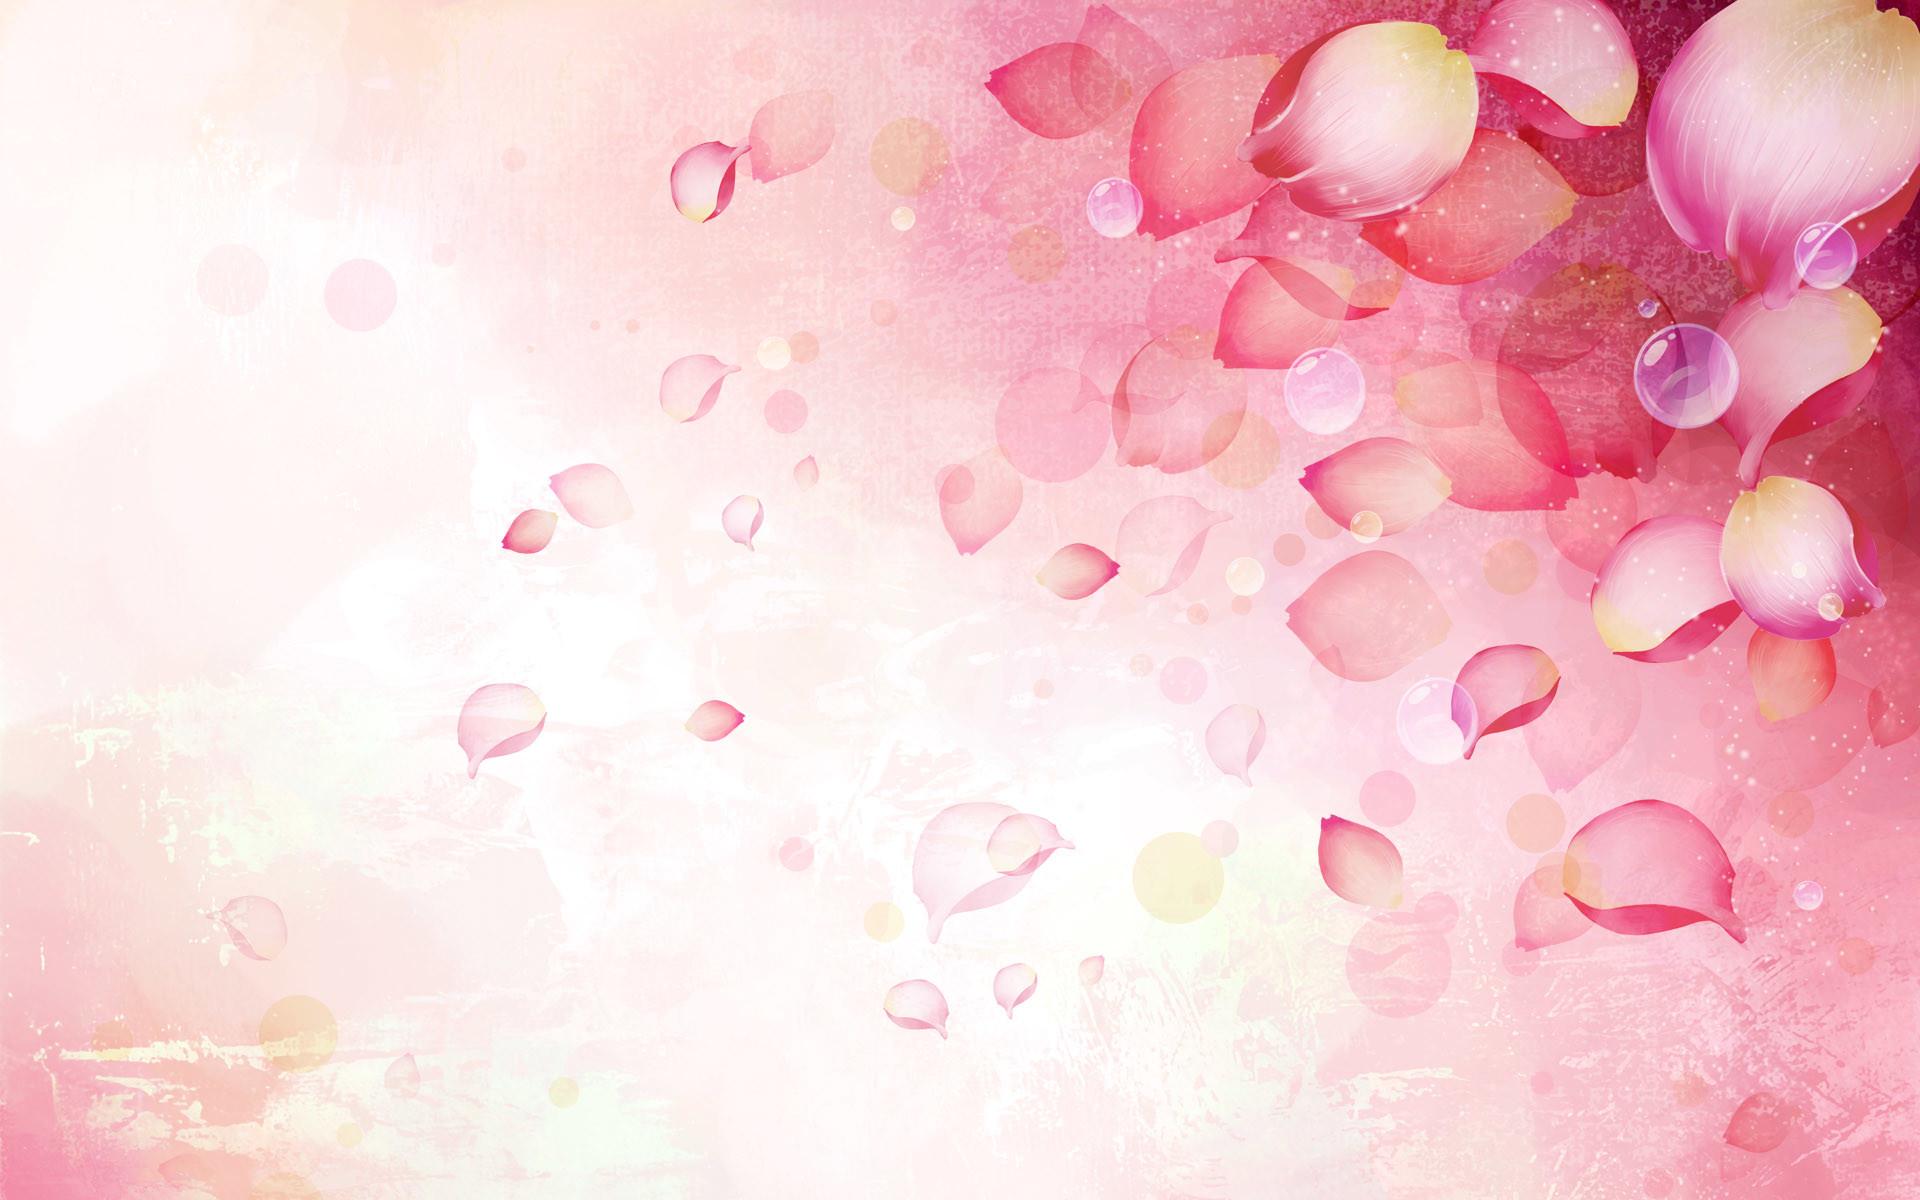 Pink flowers background bflower mightylinksfo